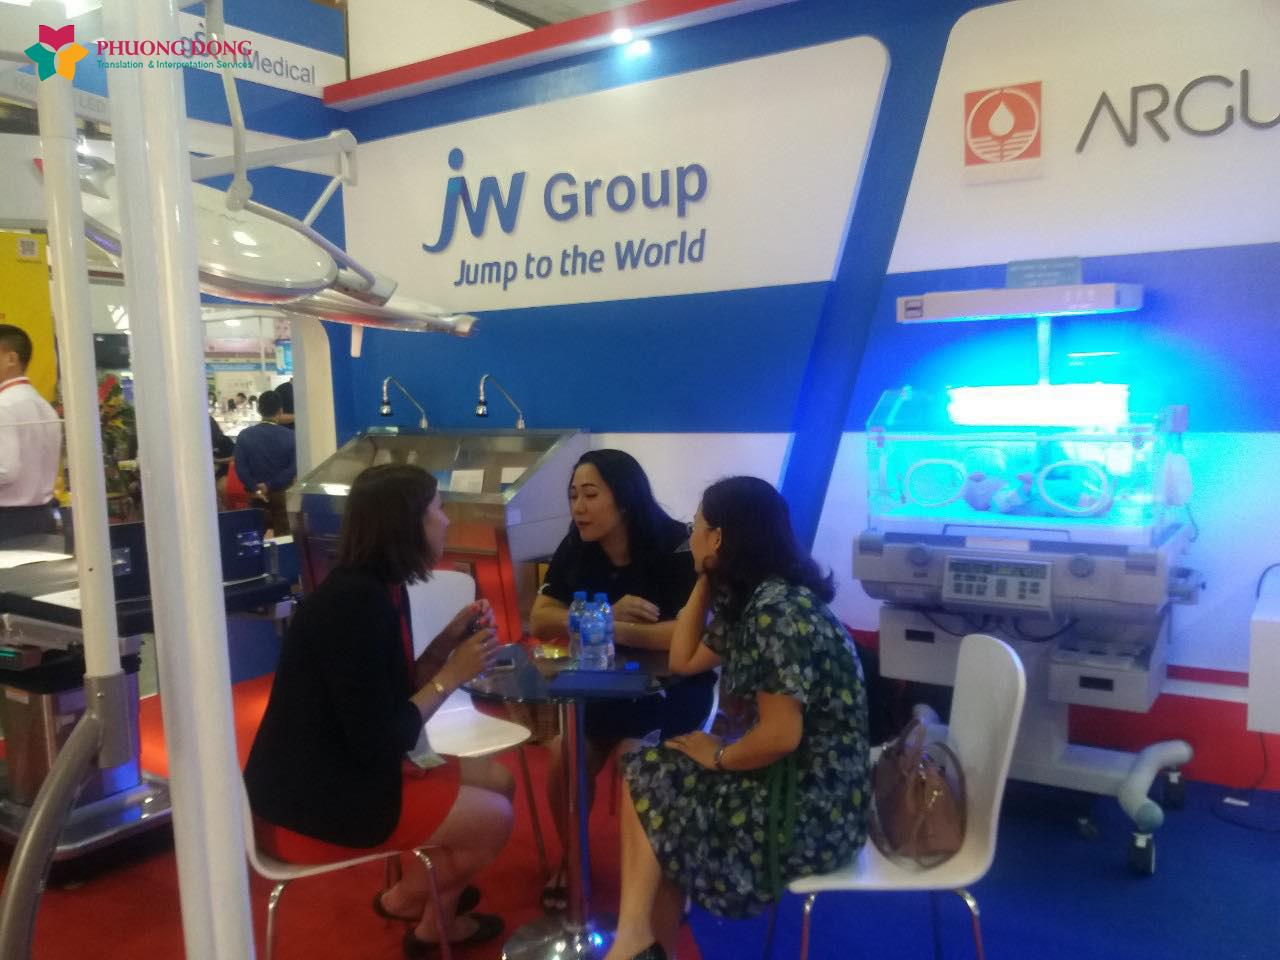 Phiên dịch triển lãm cho công ty cổ phần thiết bị y tế Trường Sơn